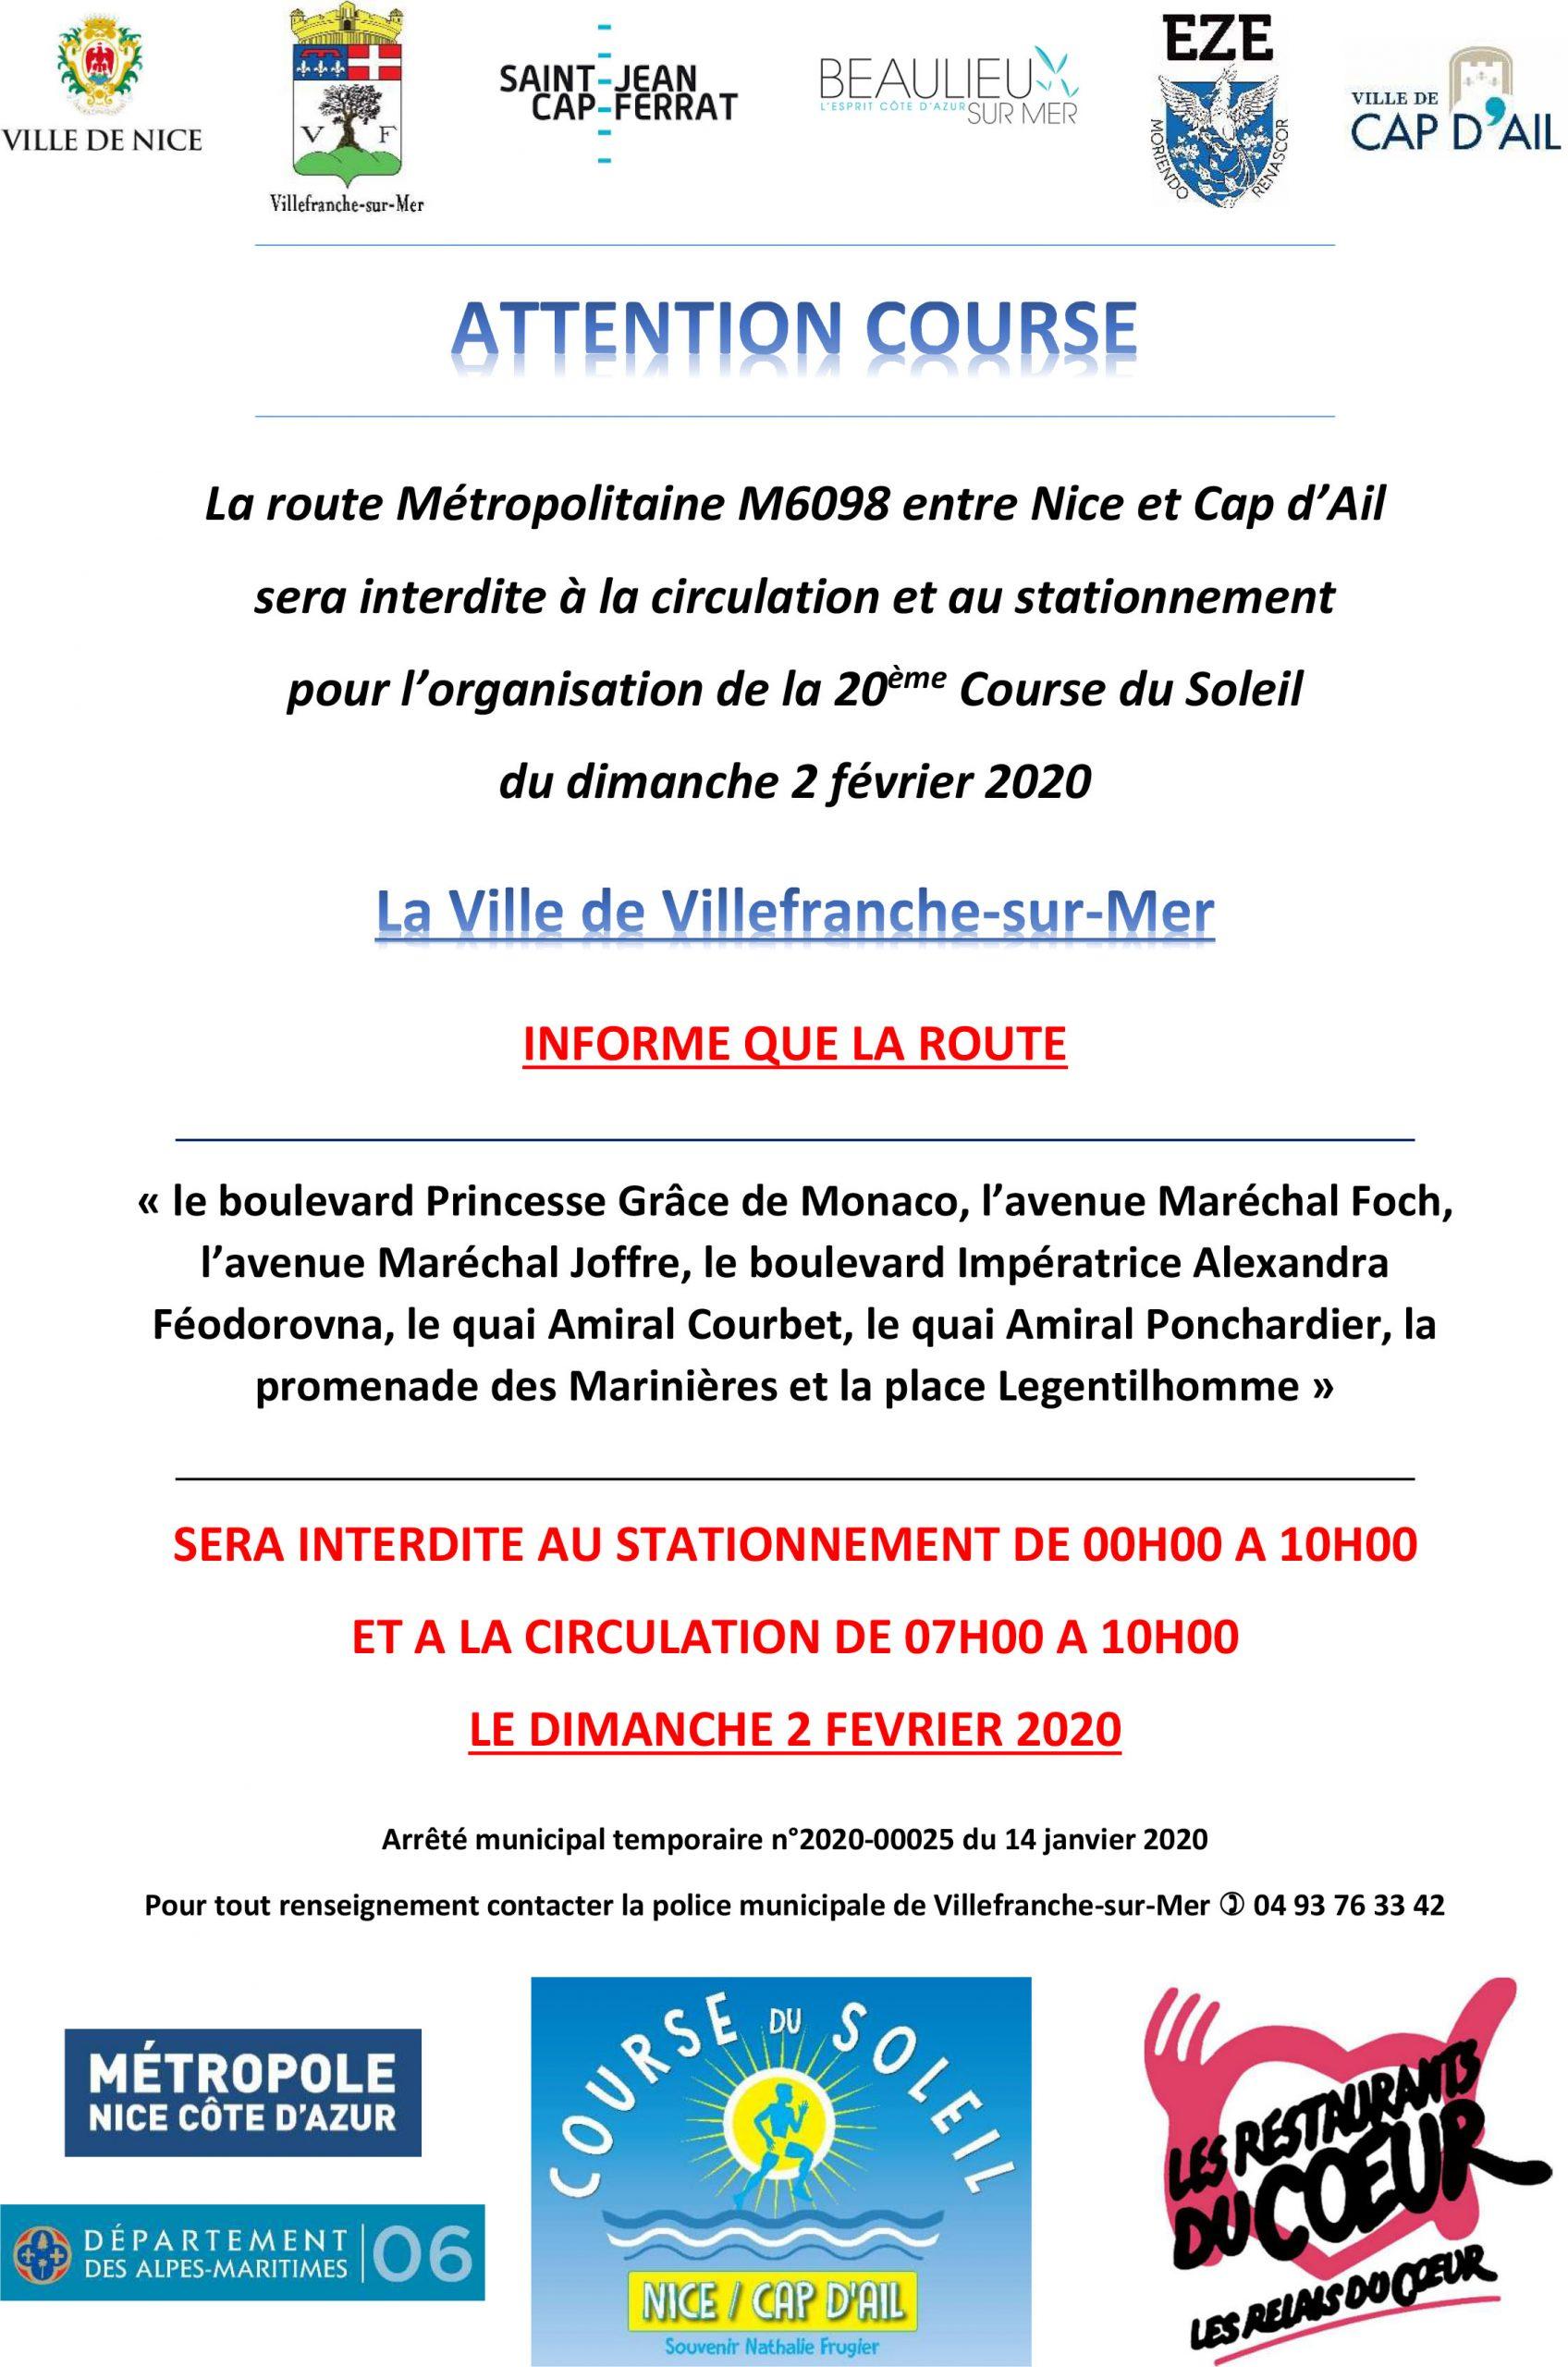 Interdiction de circulation pour la 20ème Course du Soleil - Dimanche 2 février 2020